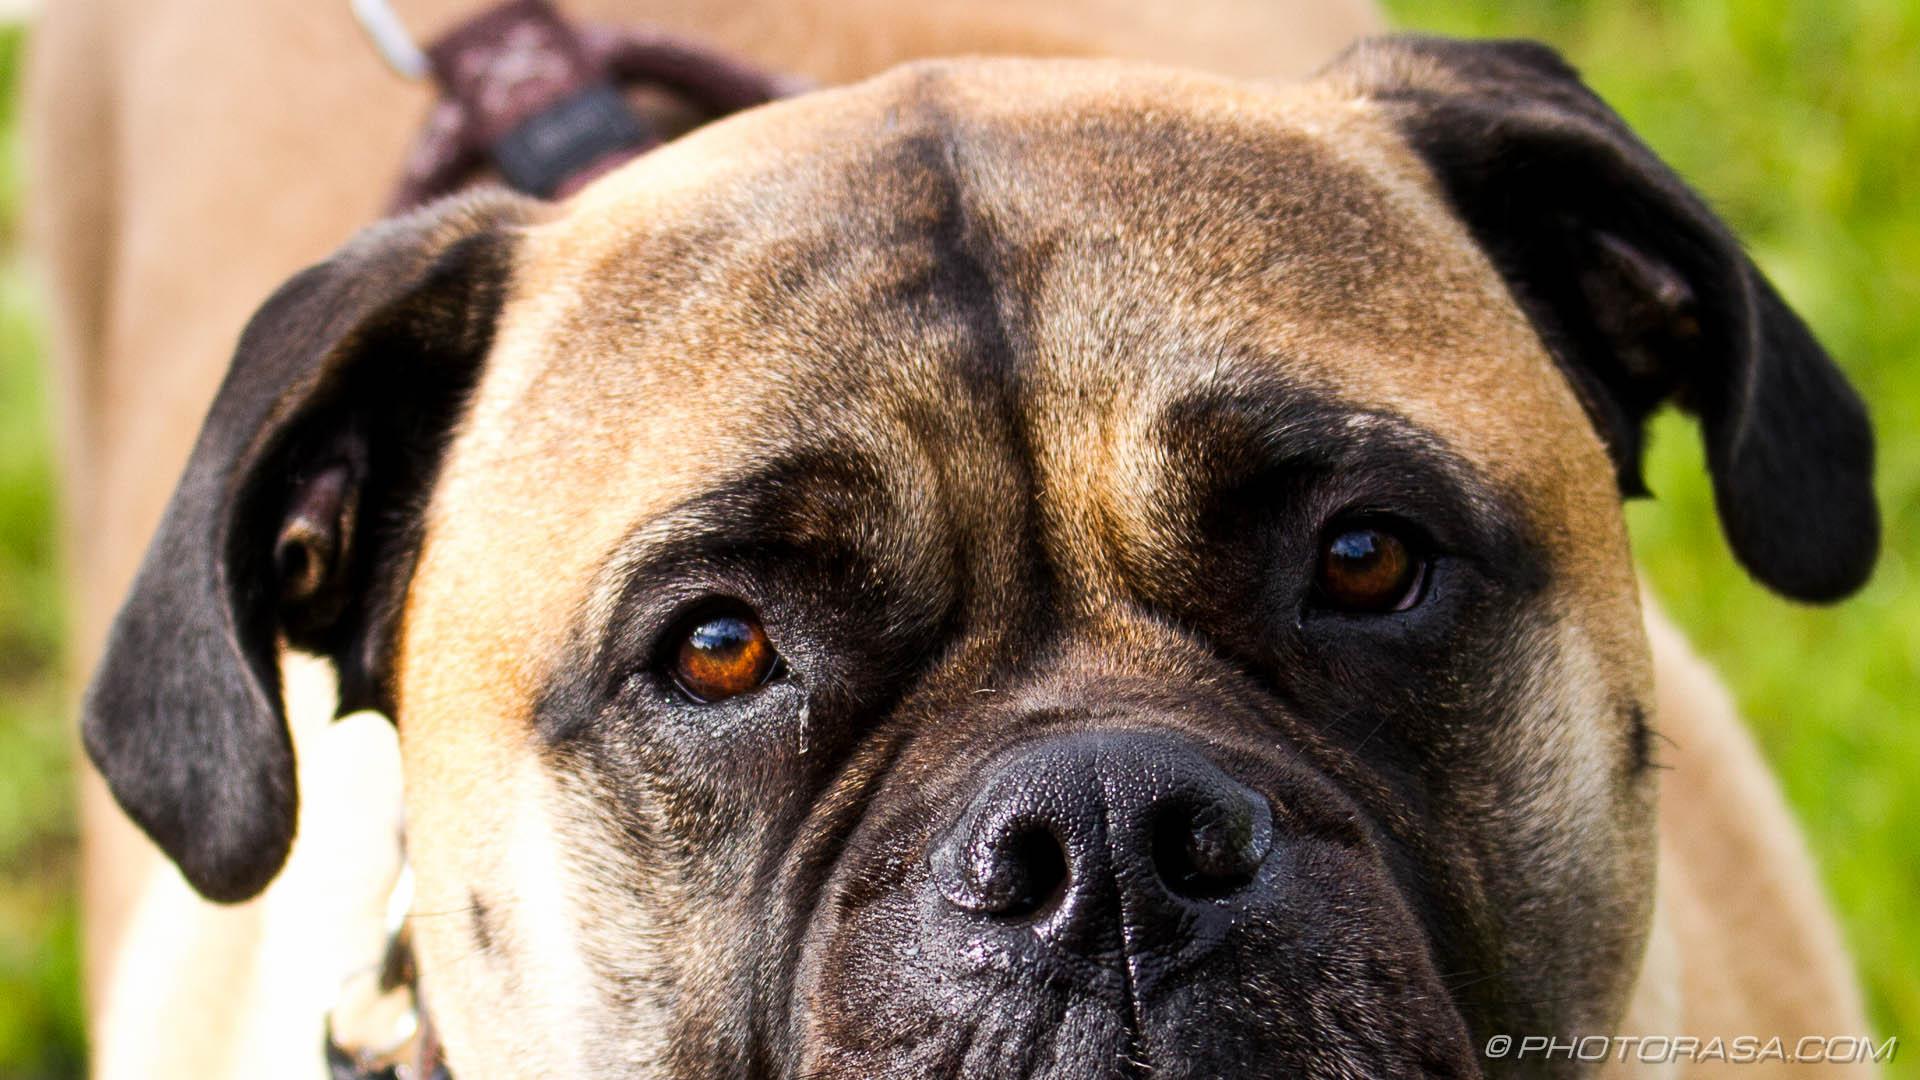 http://photorasa.com/big-faun-boxer/boxer-eyes-and-nose/